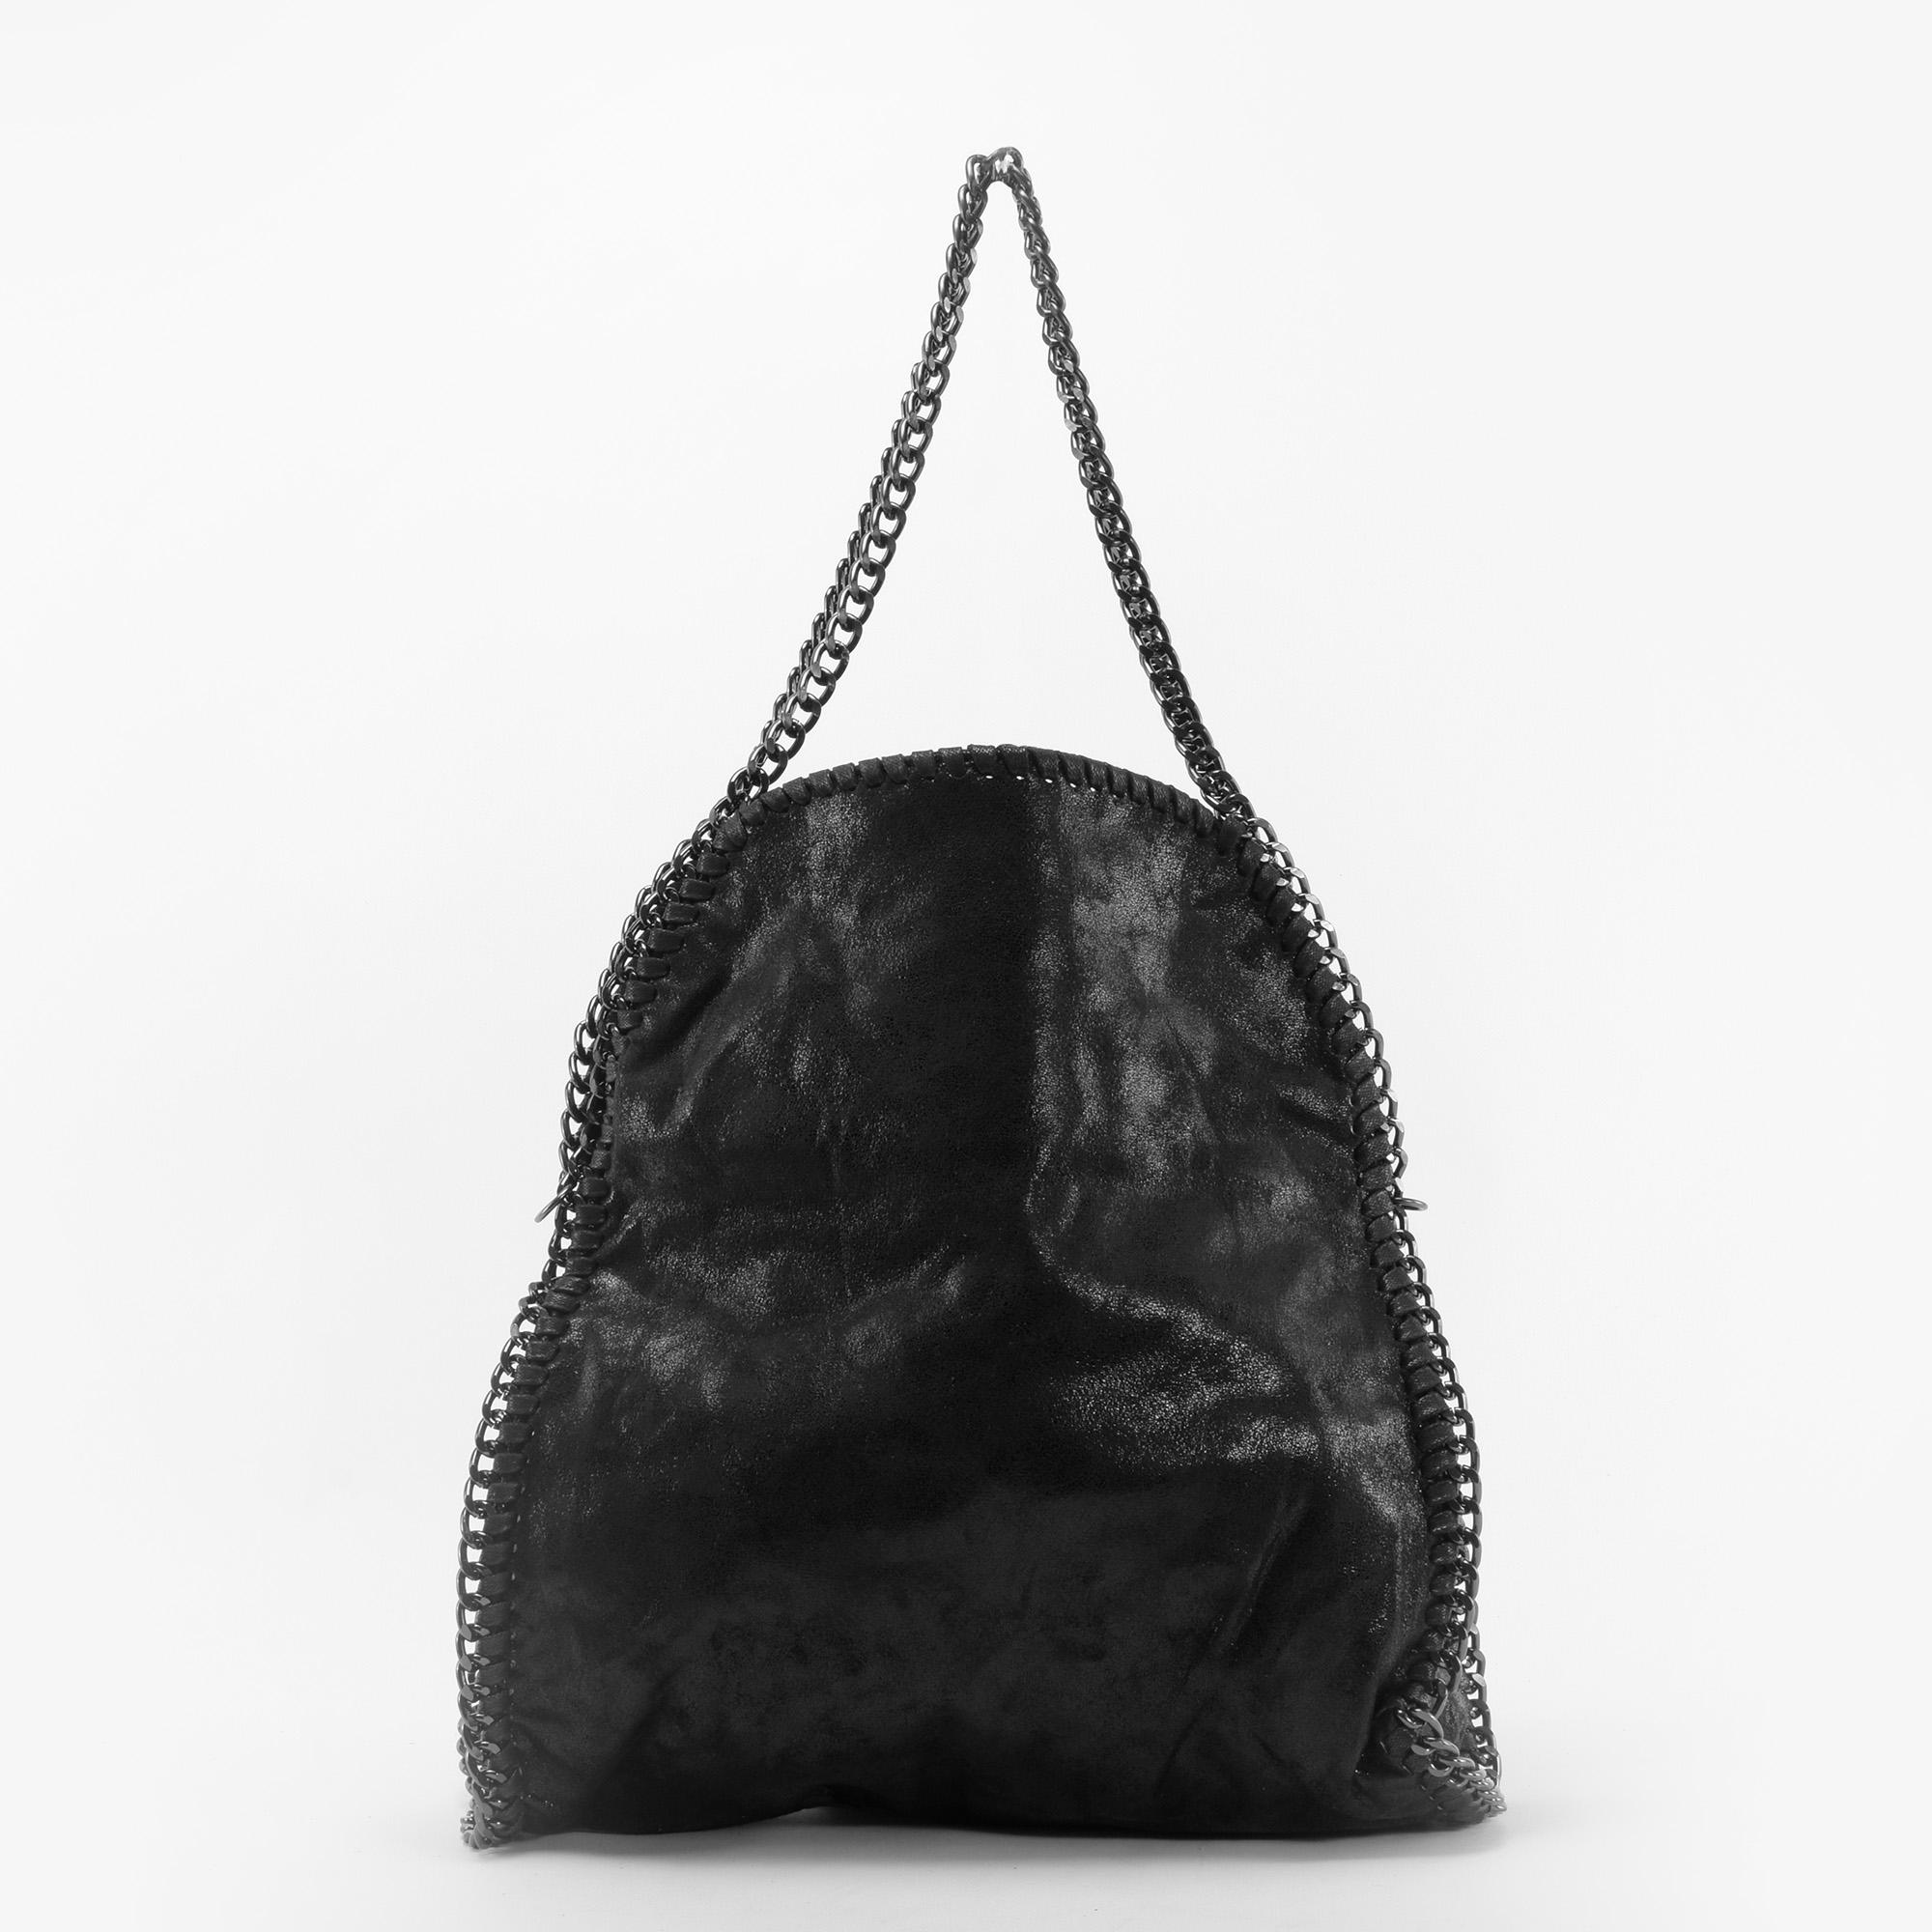 0d9c818f2867 Venti Fekete Láncos Női Műbőr Válltáska - Válltáskák - Táska webáruház - Minőségi  táskák mindenkinek